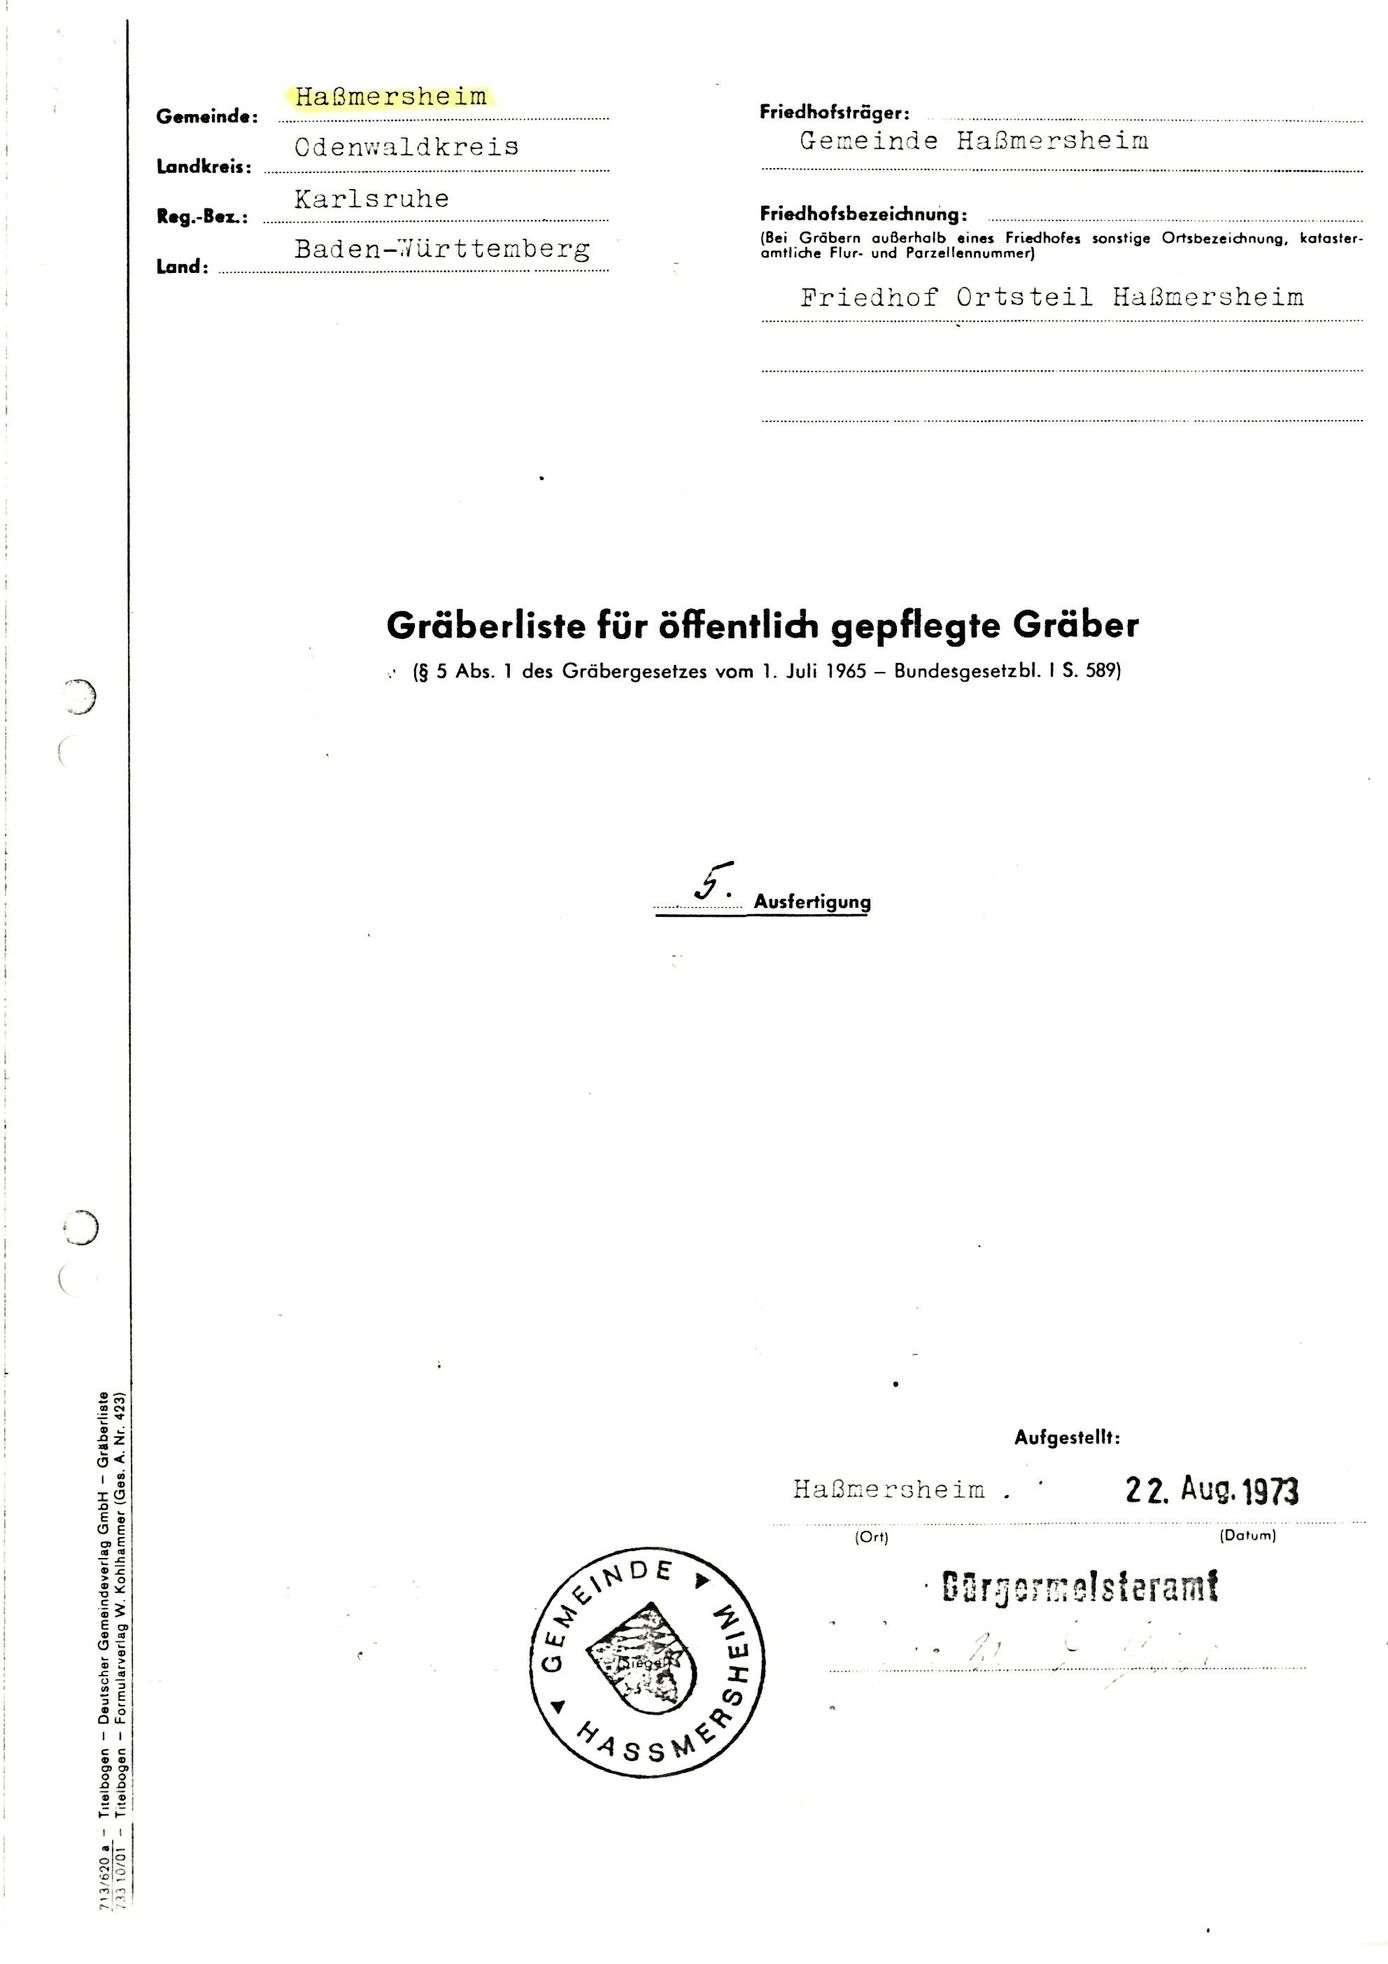 Haßmersheim, Bild 3